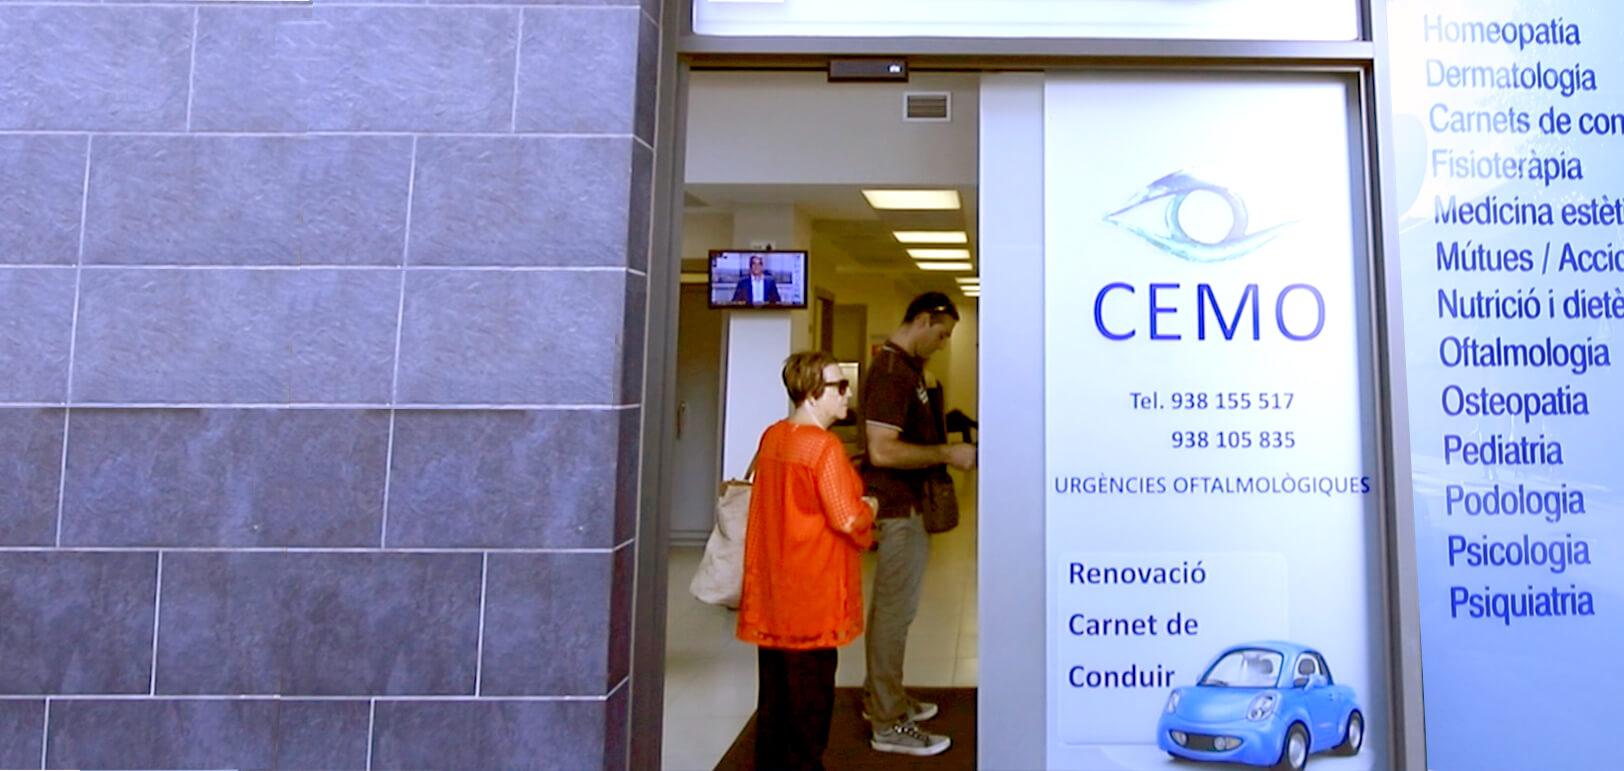 Urgencias Oftalmológicas en Vilanova i la Geltrú